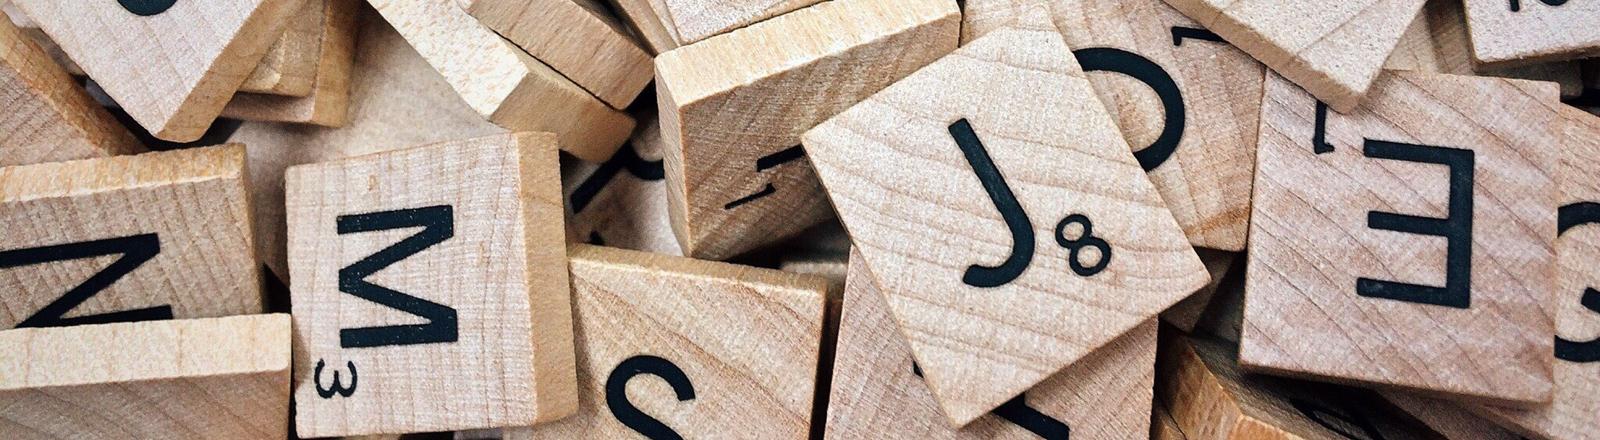 Steinchen vom Scrabble-Spiel